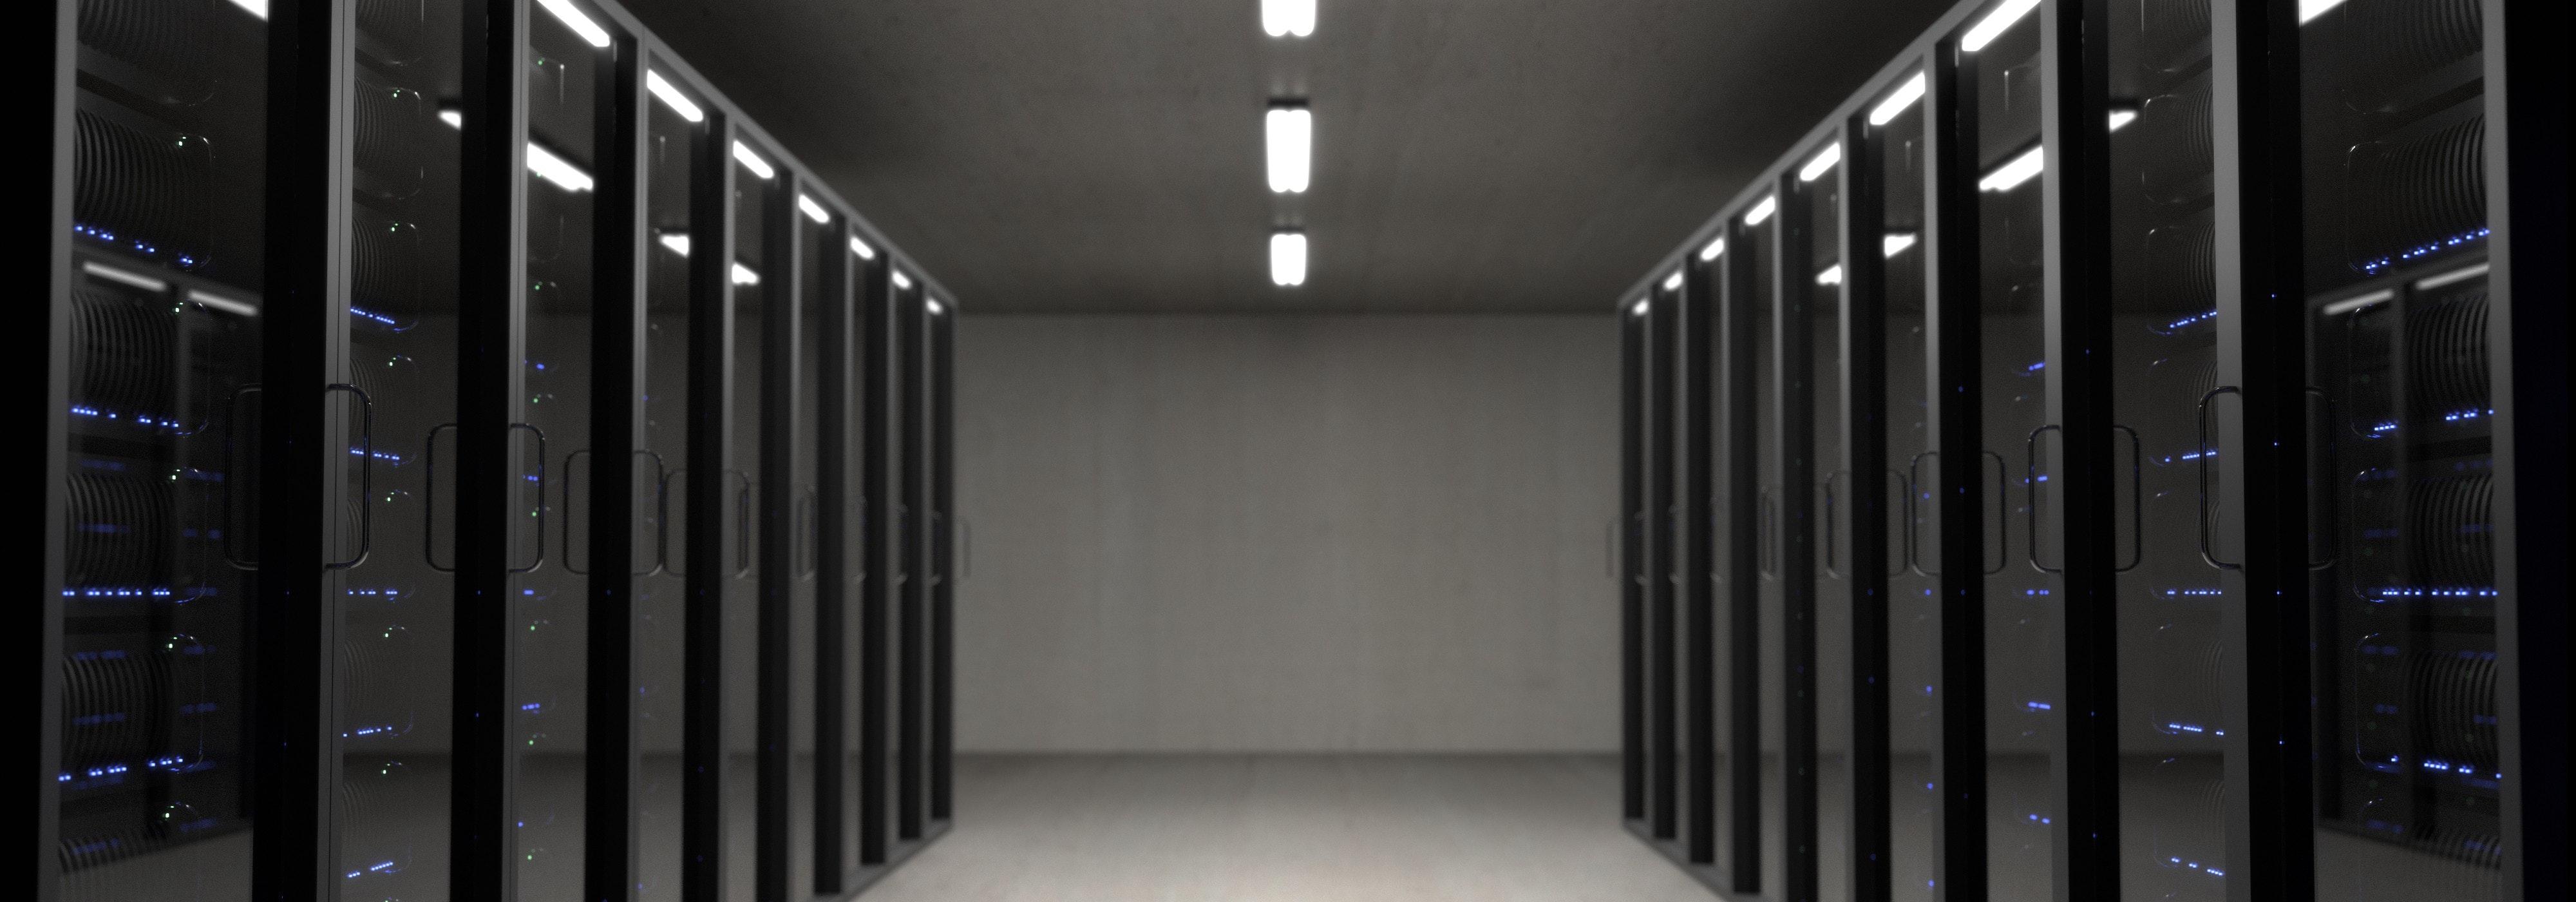 manutenção do banco de dados